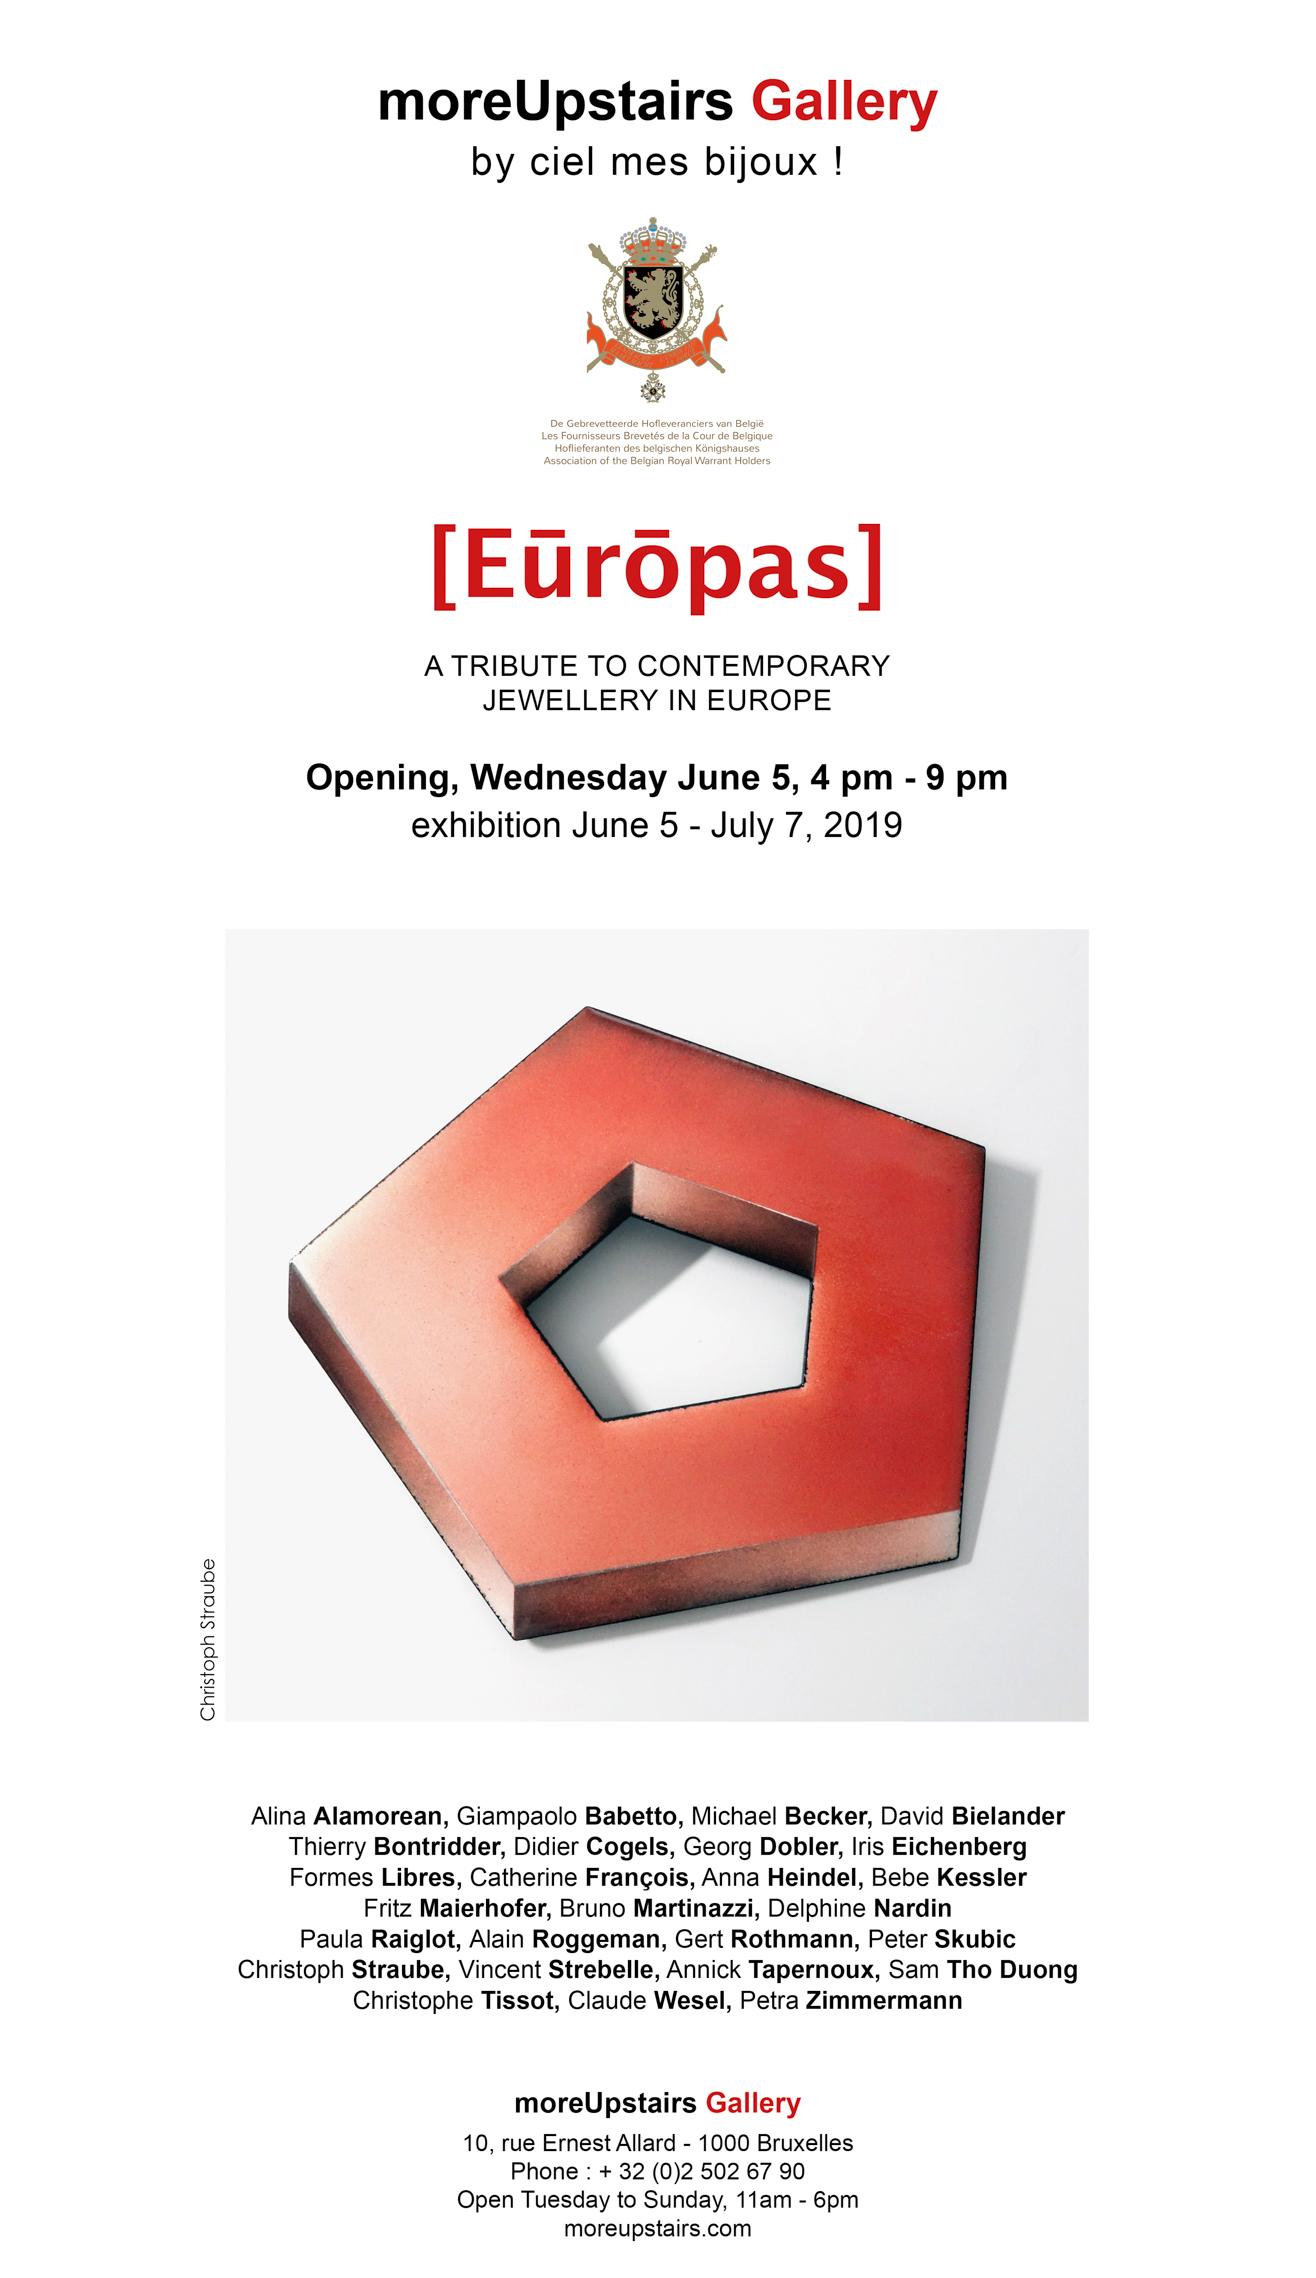 expo-europas-moreupstairs